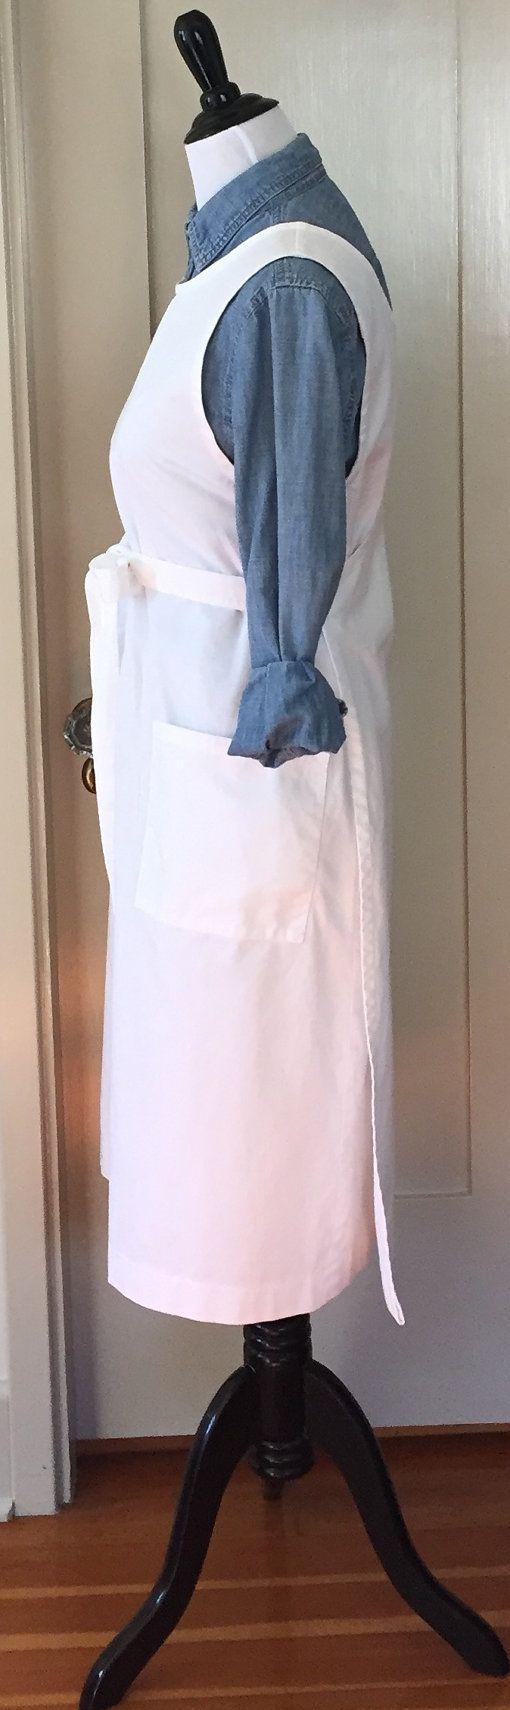 112 best apron images on pinterest denim aprons linen apron and